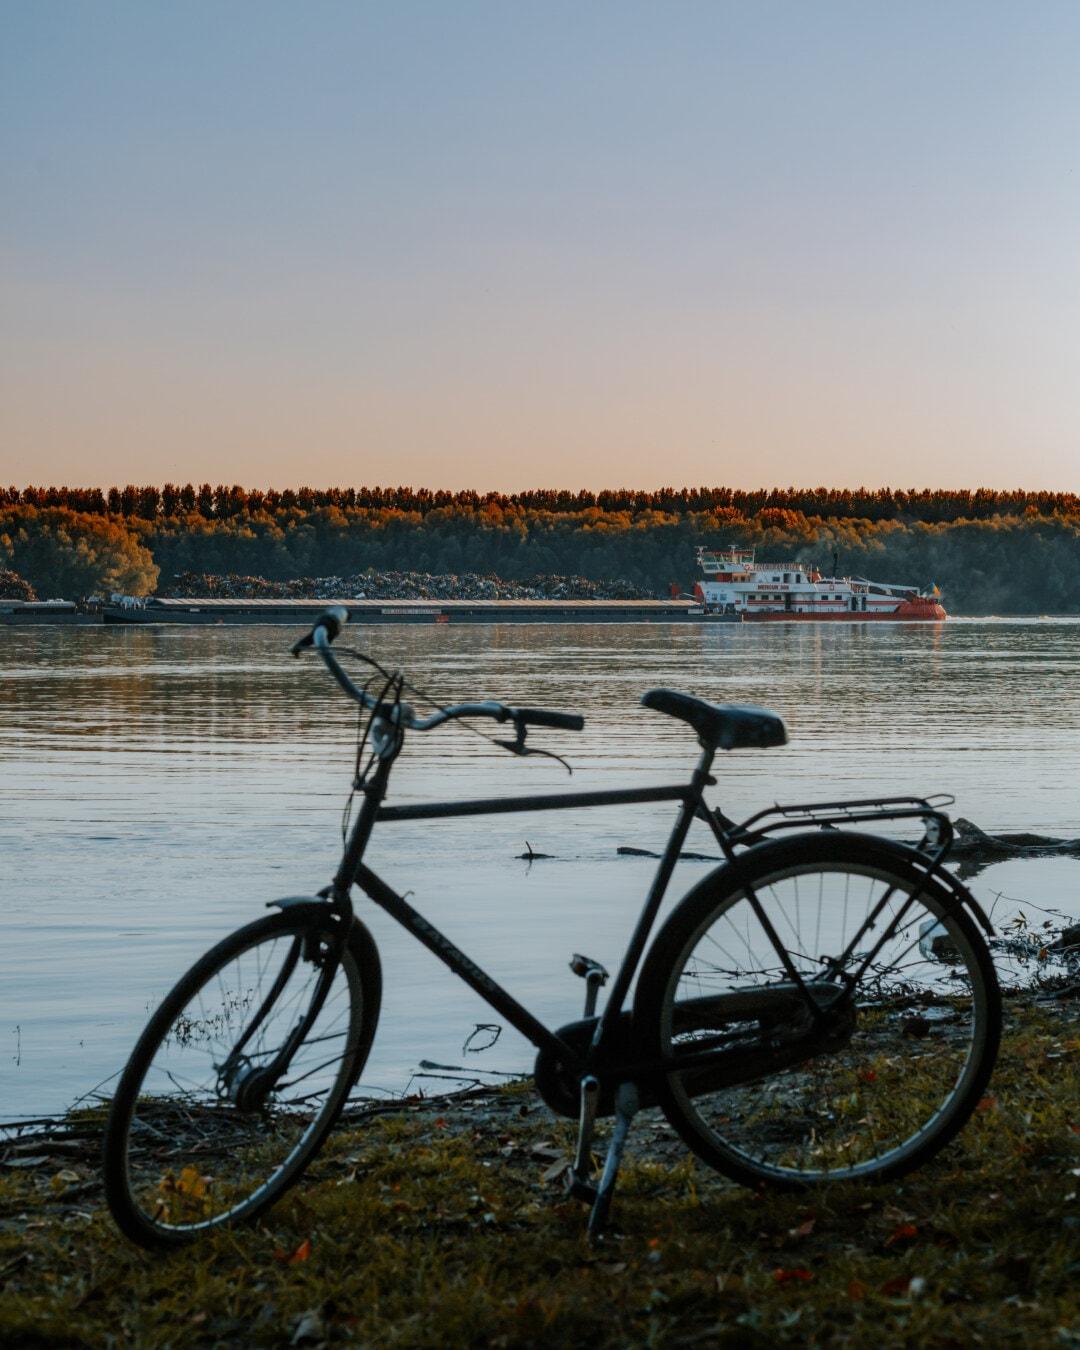 Fluss, Lastkahn, Frachtschiff, Fahrrad, Vordergrund, Flussufer, Rad, Sonnenuntergang, Fahrrad, Wasser